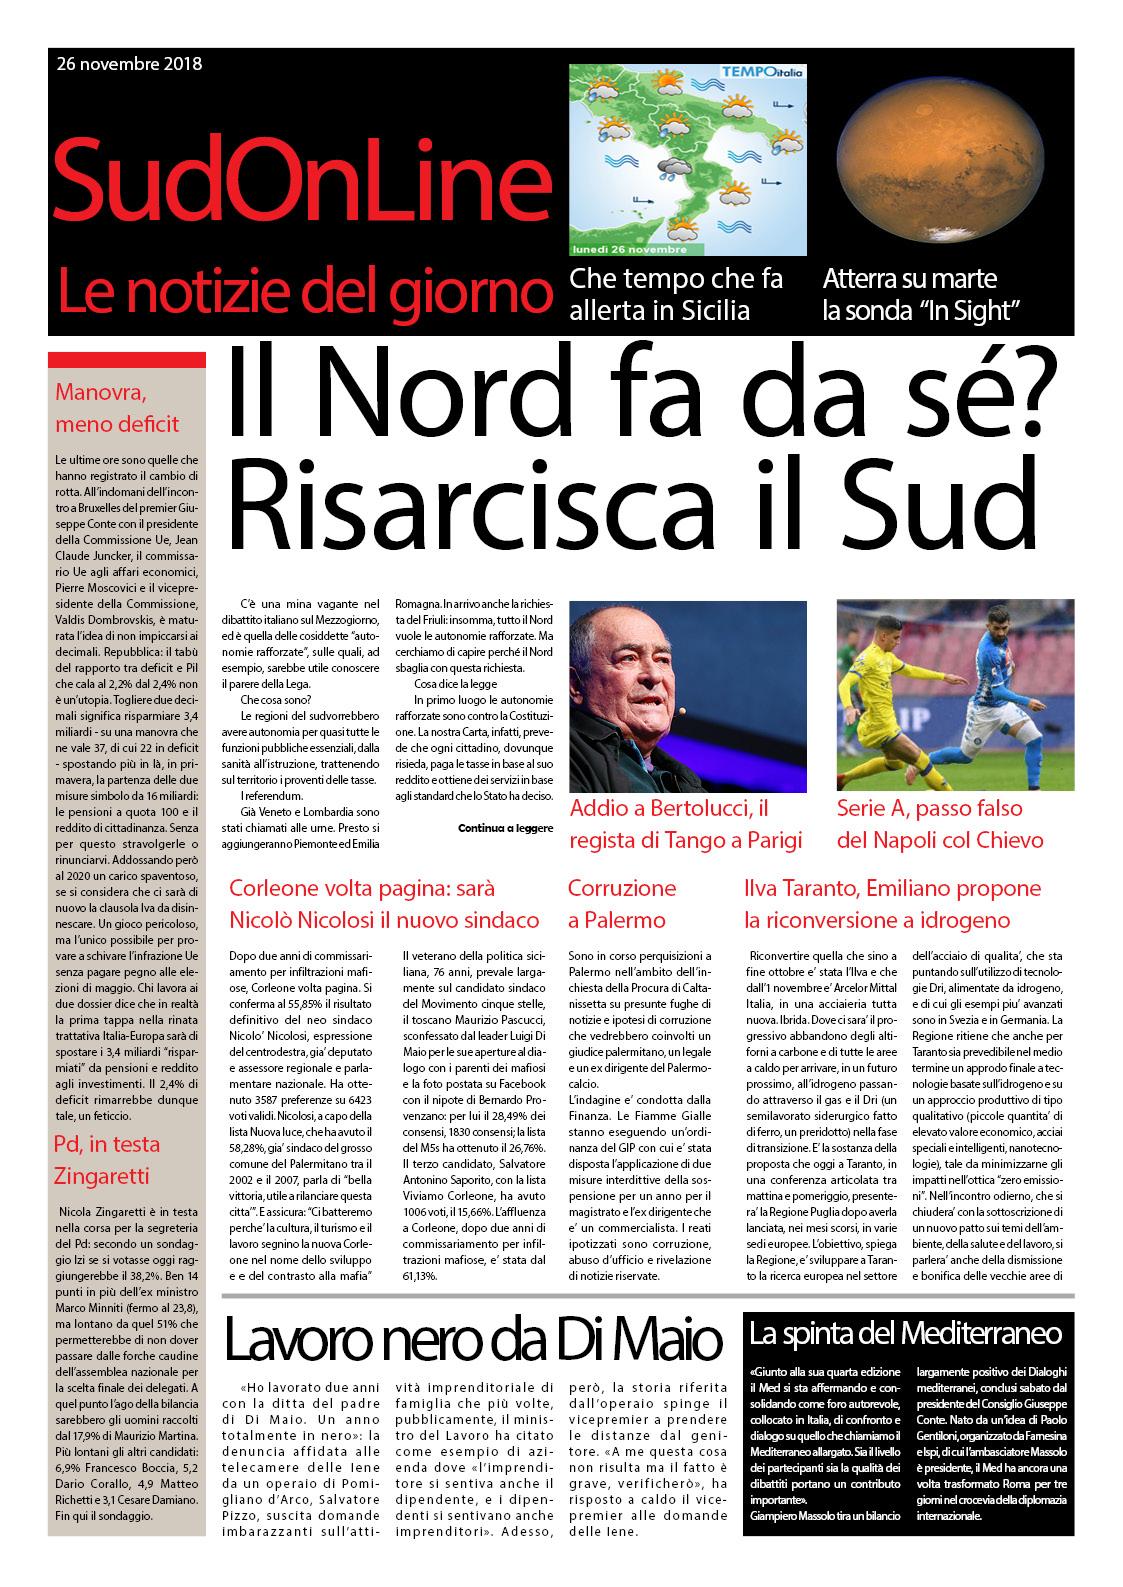 Il SudOnLine Quotidiano: Il Nord fa da sè, risarcisca il Sud – Addio a Bertolucci – Corruzione, sospetti su un giudice a Palermo